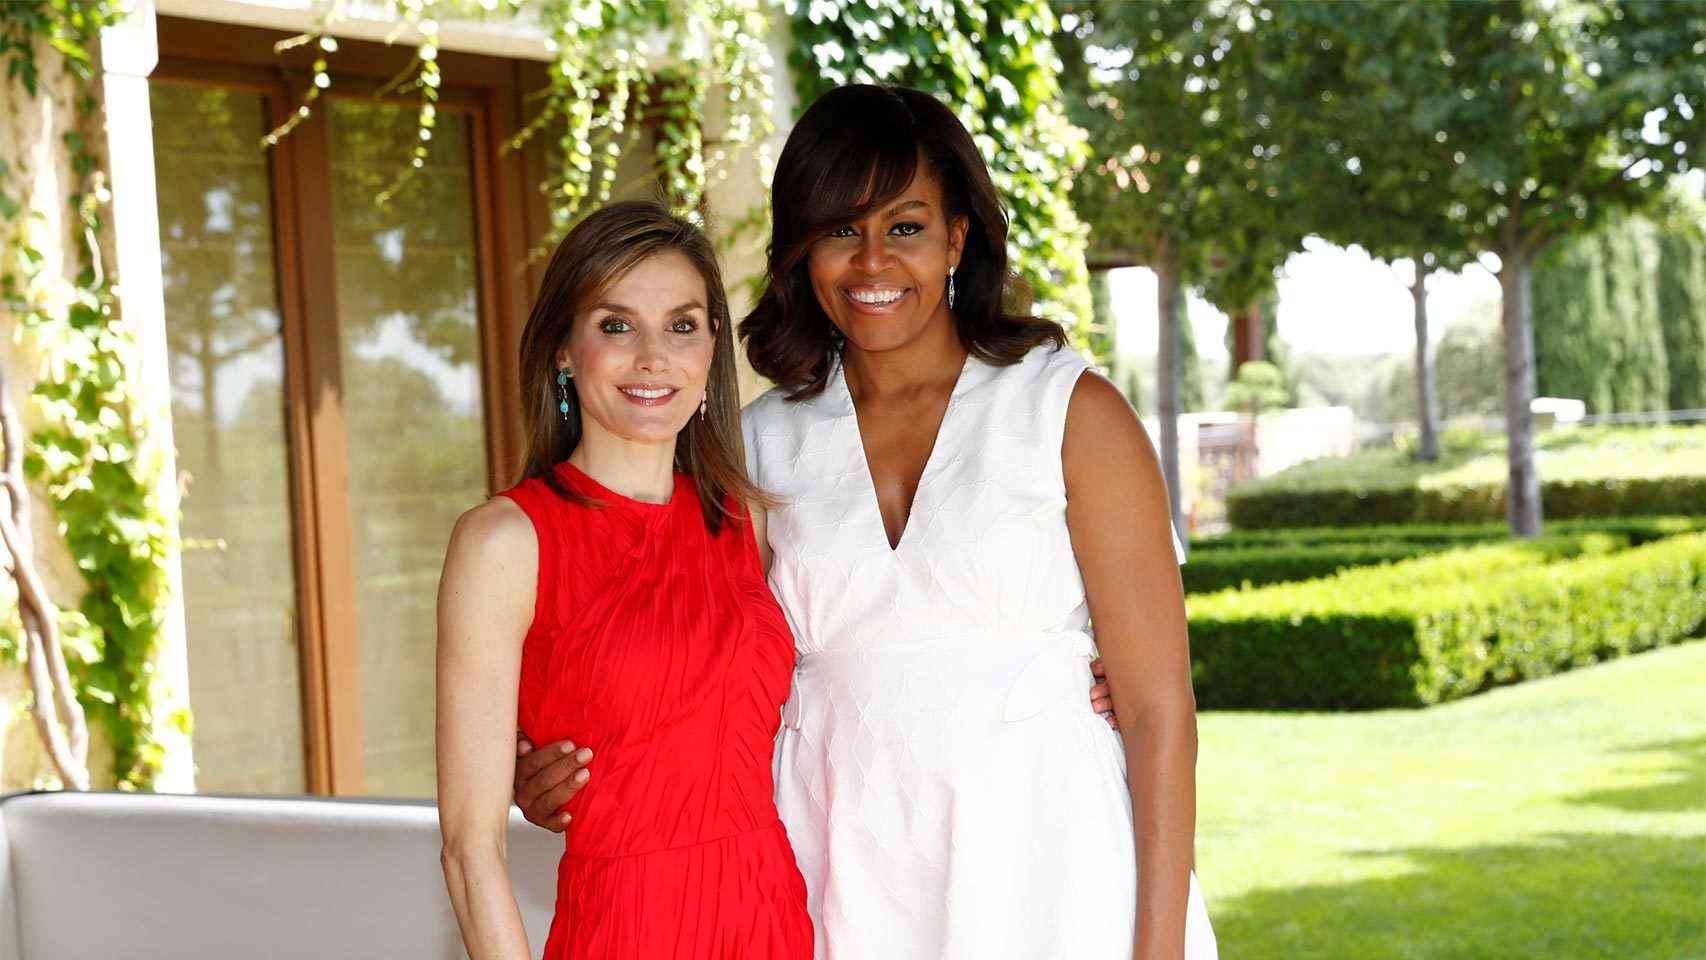 La reina Letizia y Michelle Obama.